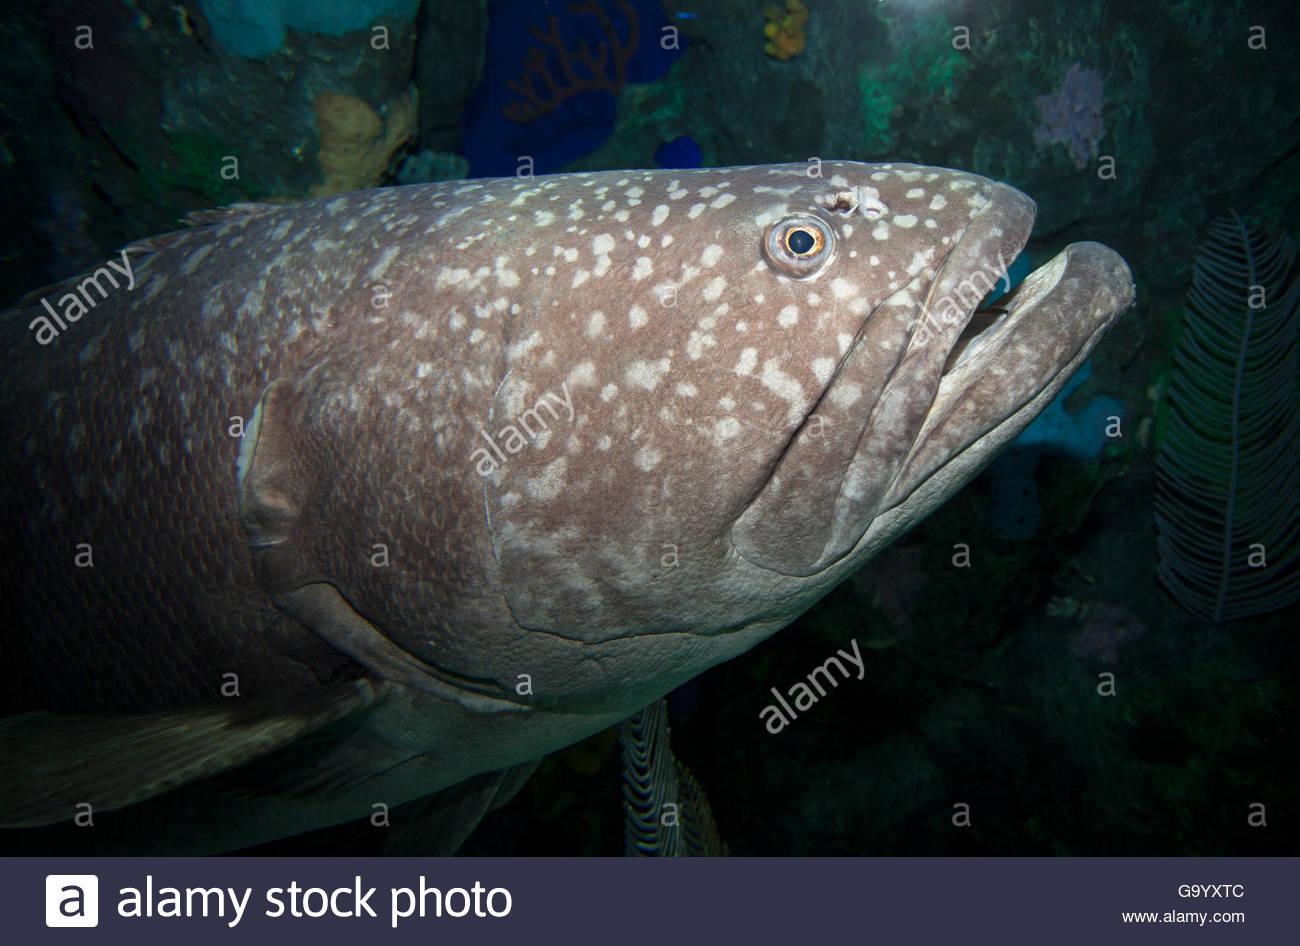 Fish in ripleys aquarium - Potato Cod Fish Ripley S Aquarium Of Canada A Night At The Aqueerium Pride 2016 Linda Dawn Hammond